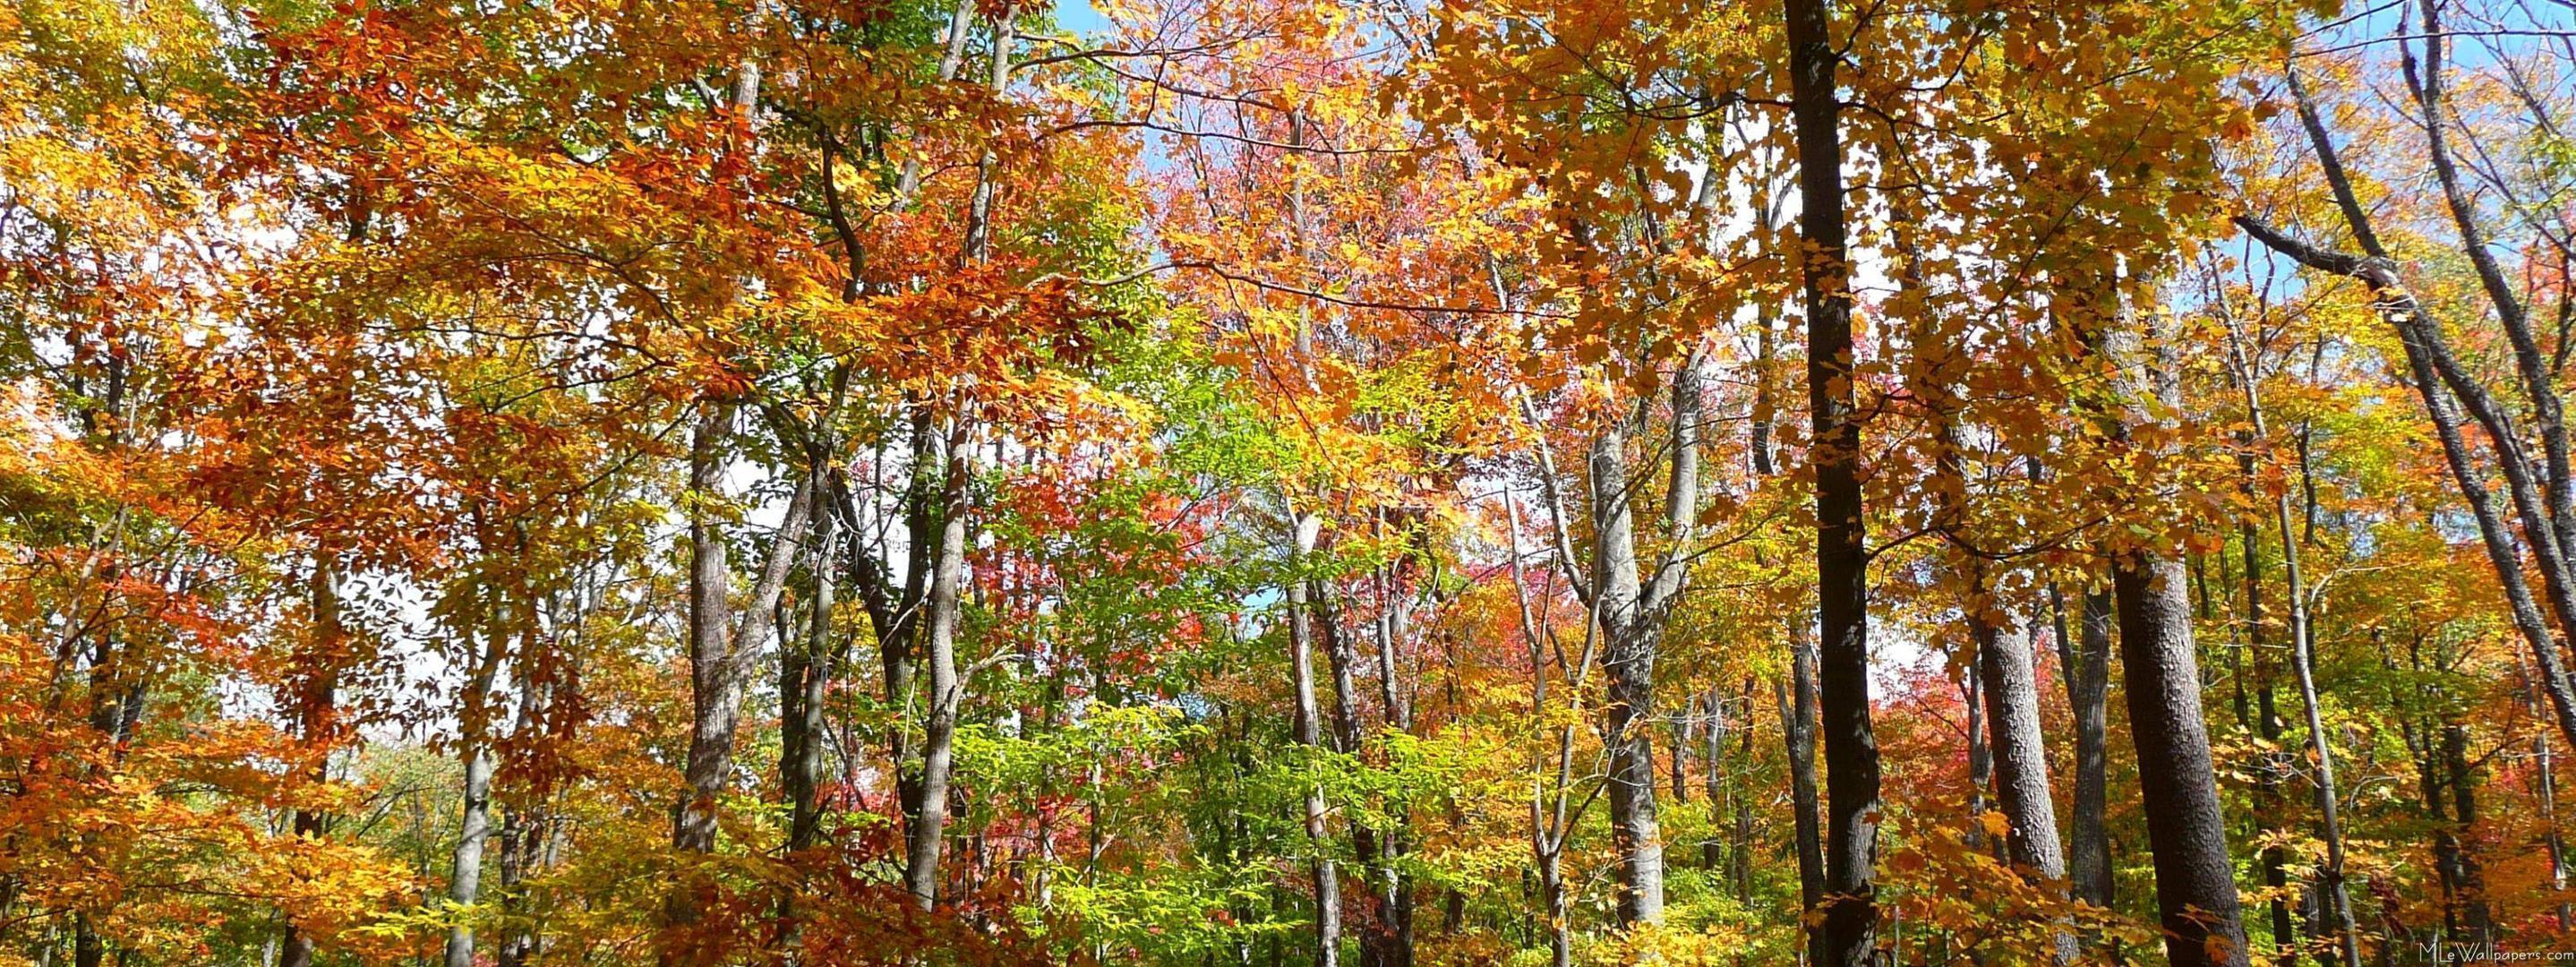 Free Fall Flower Desktop Wallpaper Autumn Screen Wallpapers Wallpaper Cave